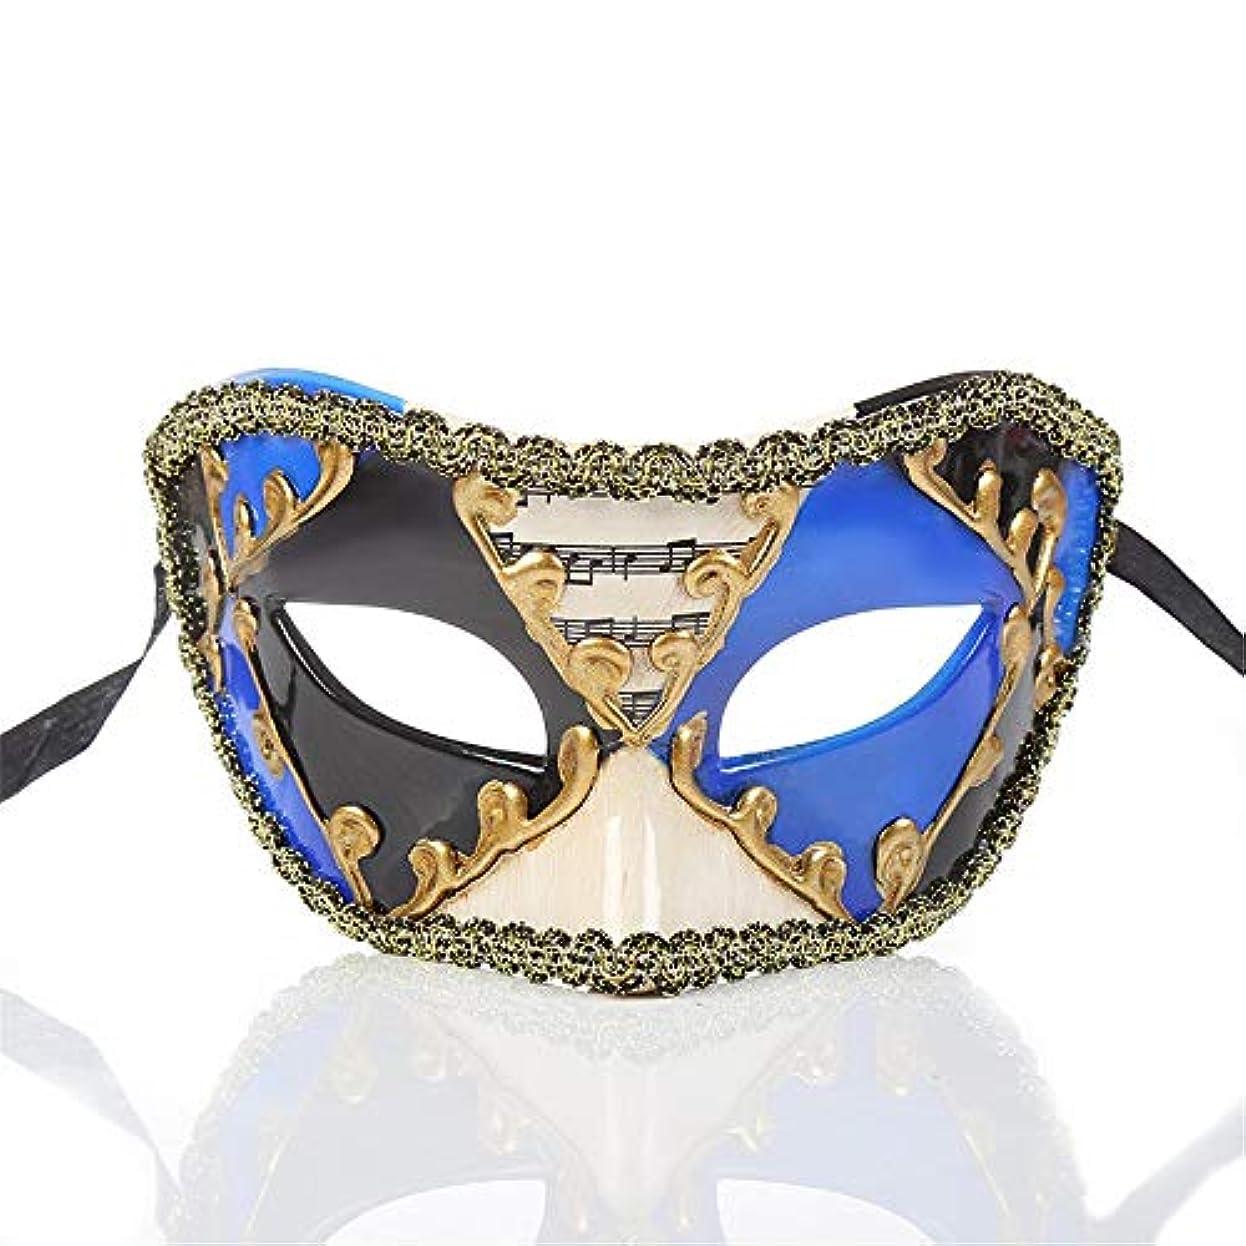 しゃがむ揮発性コールドダンスマスク ヴィンテージクラシックハーフフェイスクラウンミュージカルノート装飾マスクフェスティバルロールプレイングプラスチックマスク パーティーマスク (色 : 青, サイズ : 16.5x8cm)